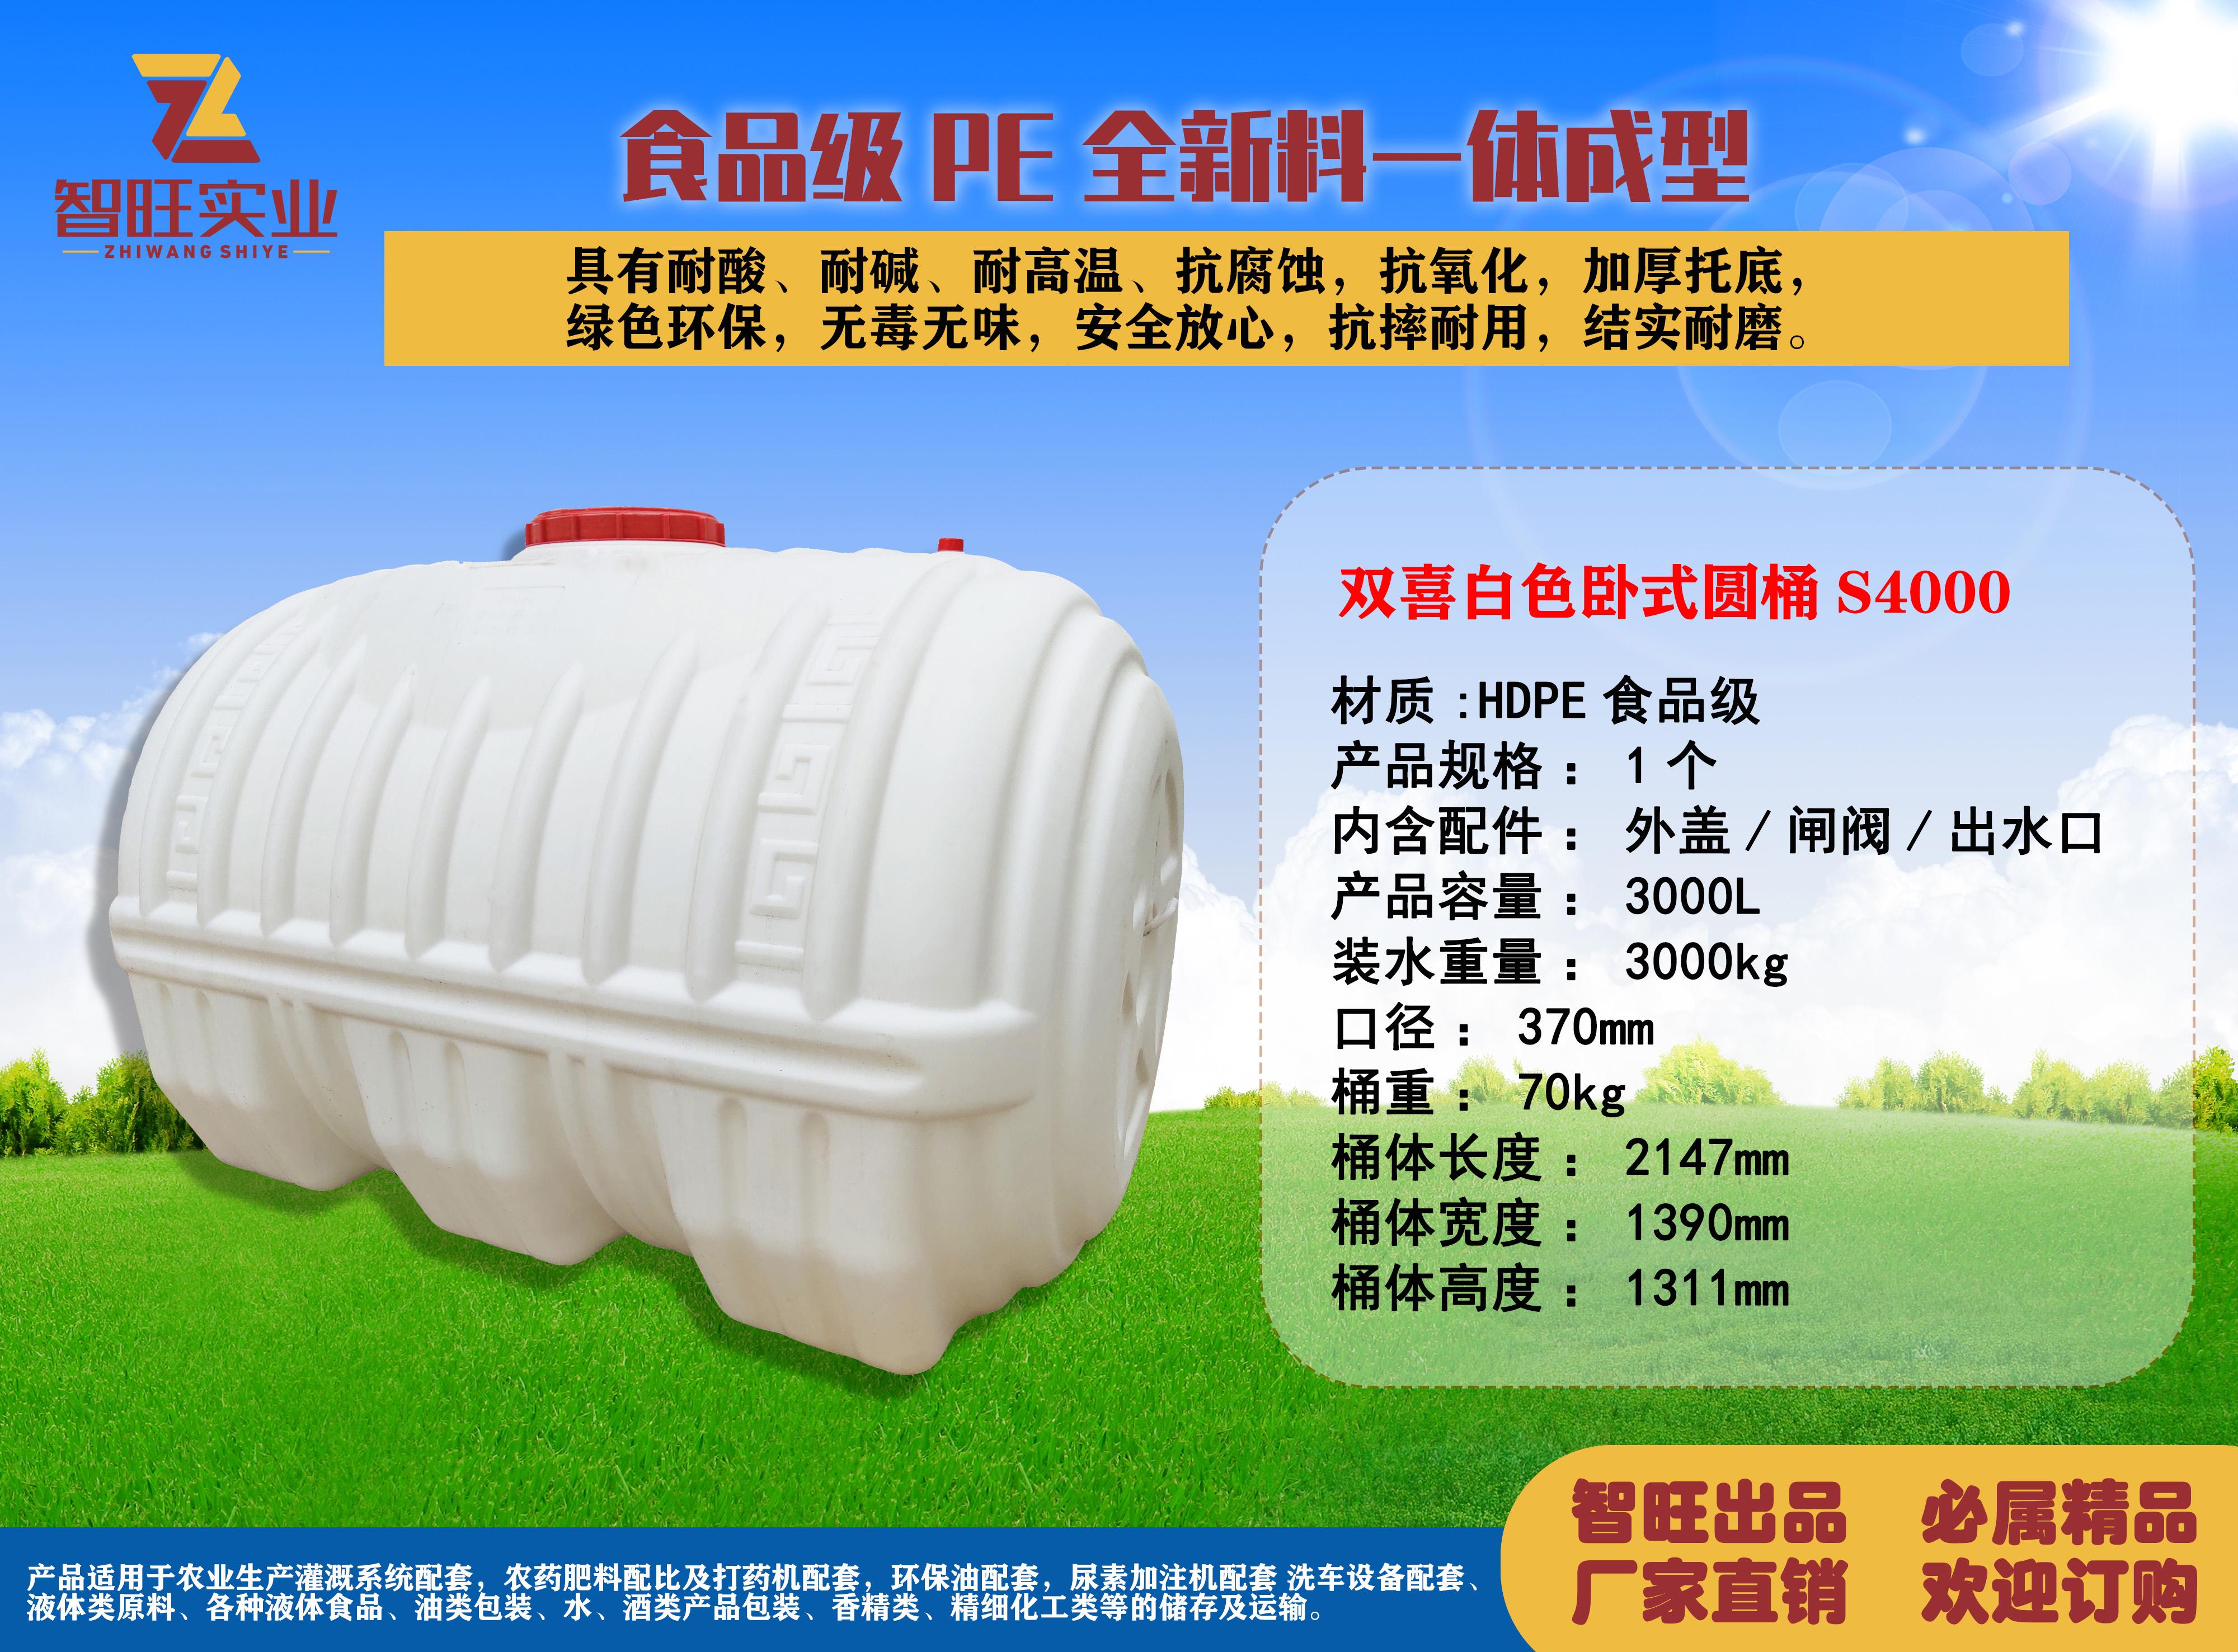 雙喜白色臥式圓桶S4000